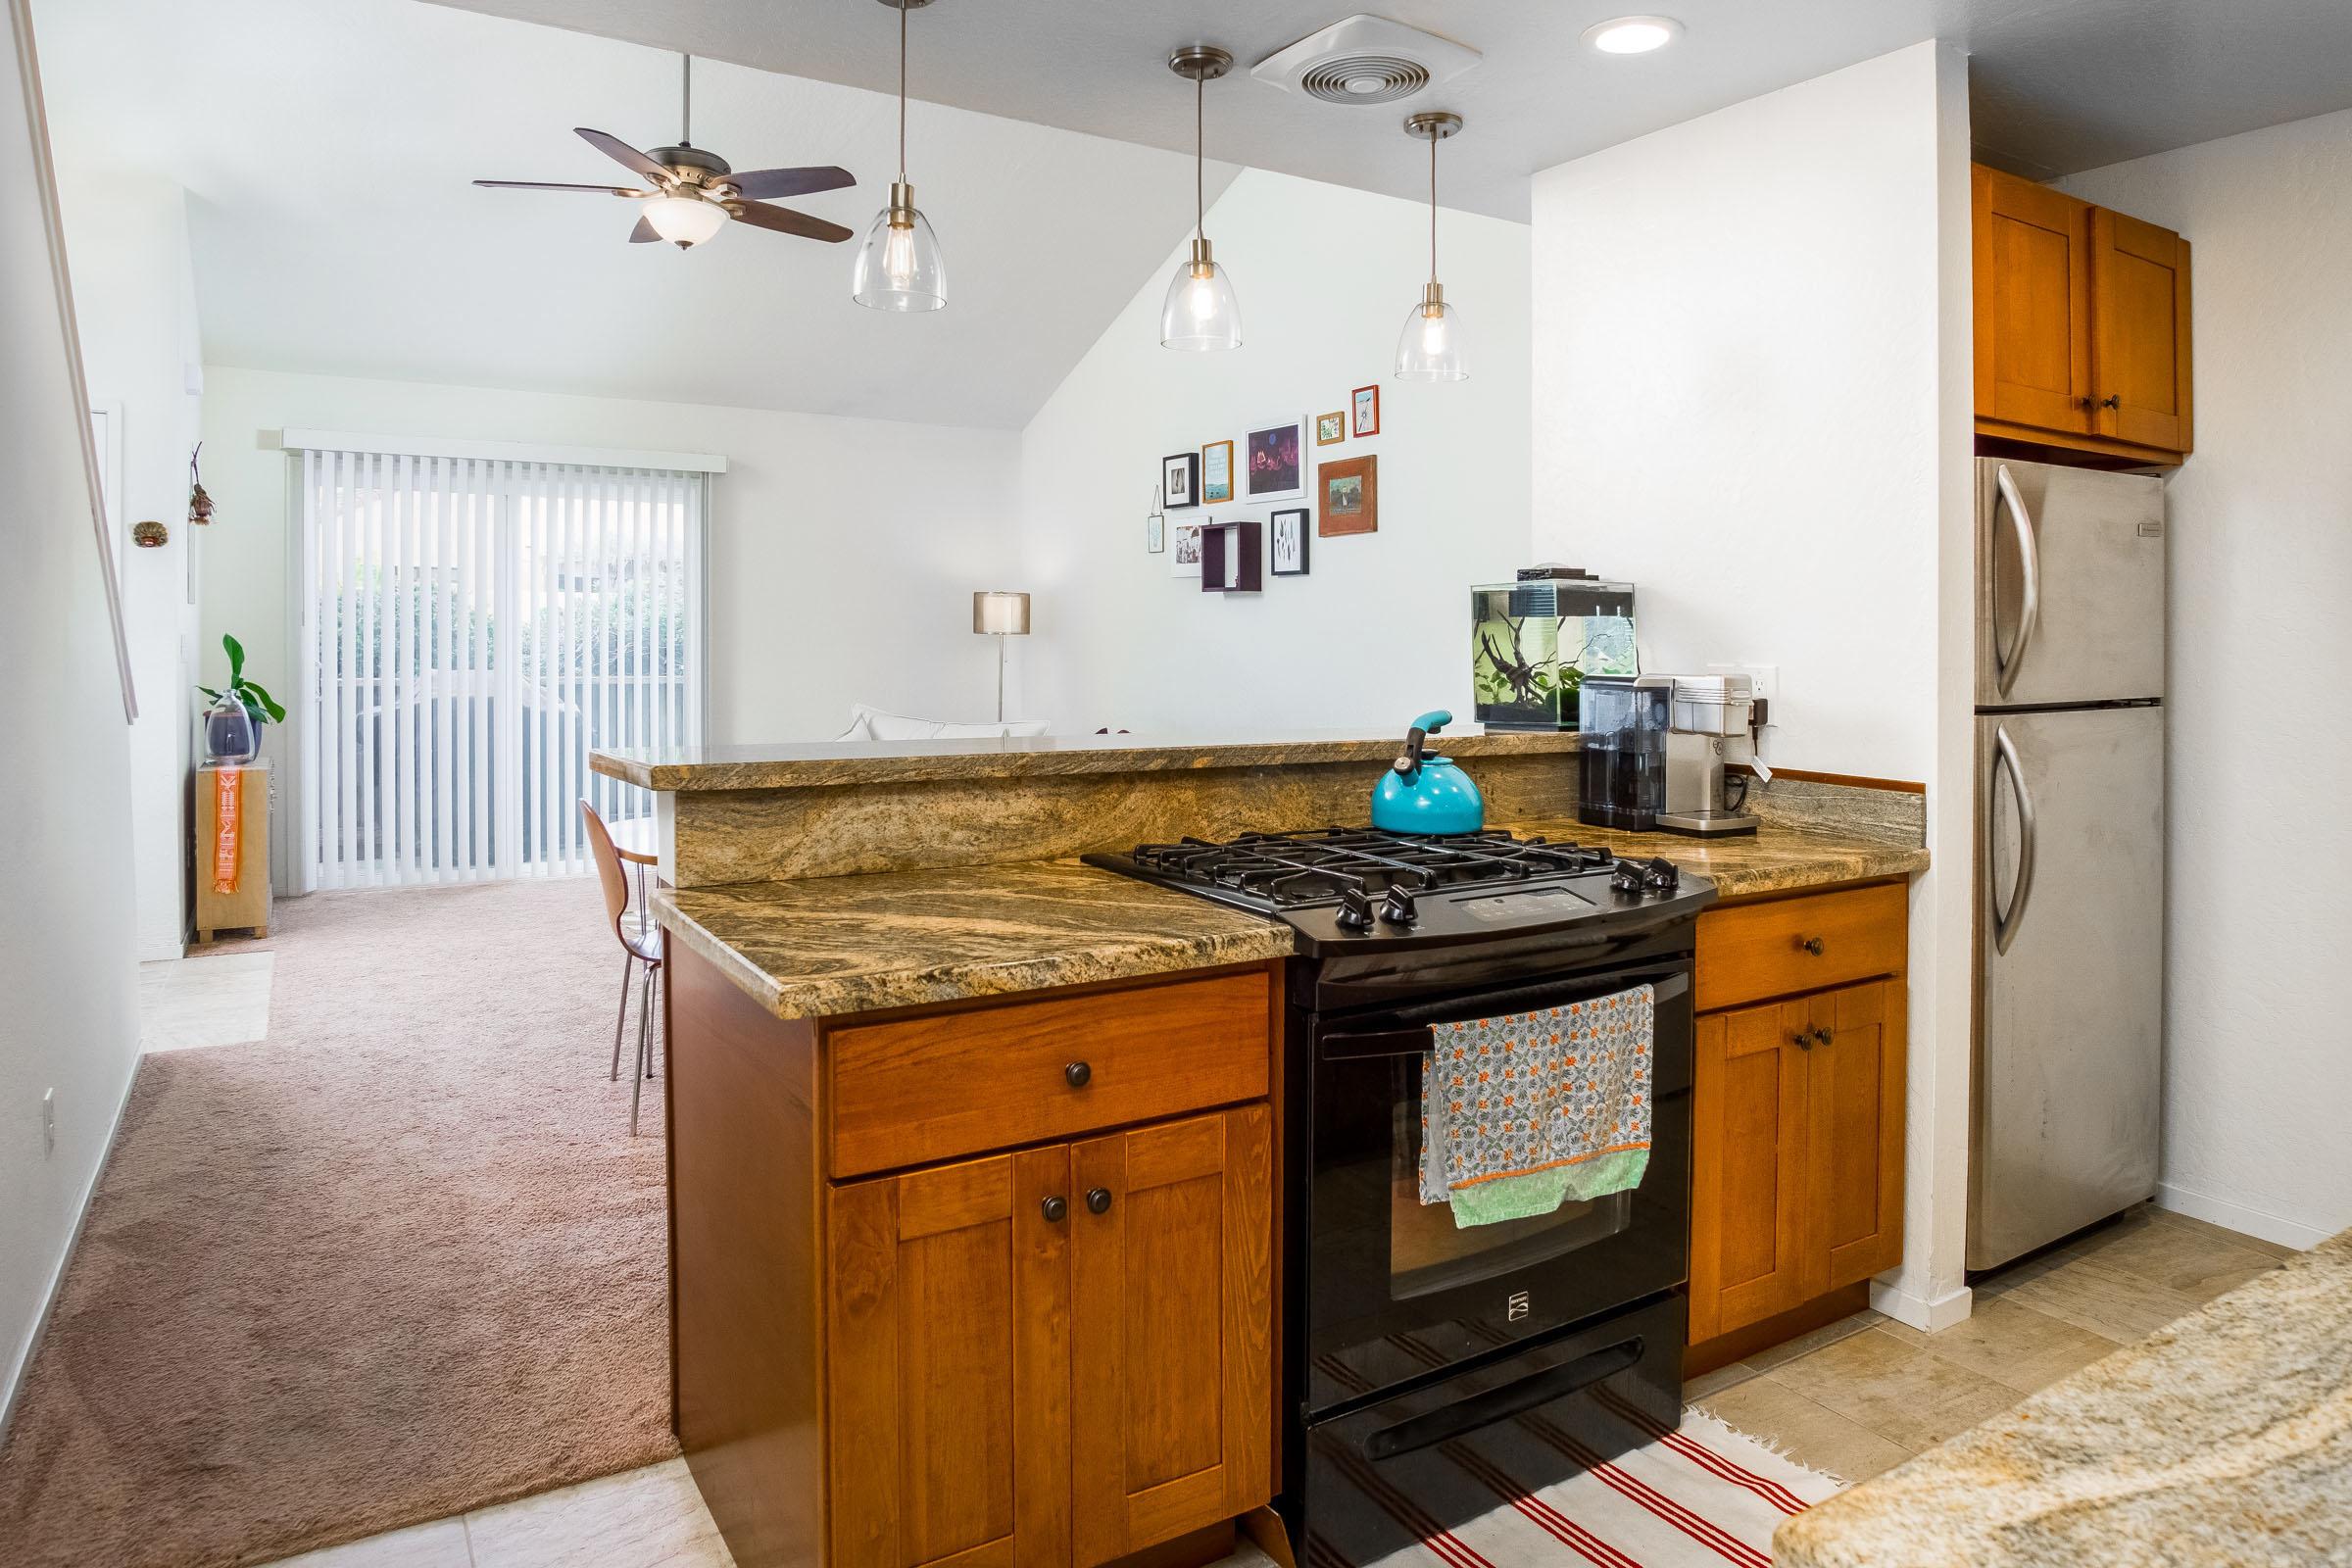 Large Home Detached Garage & Laundry Room In Westside